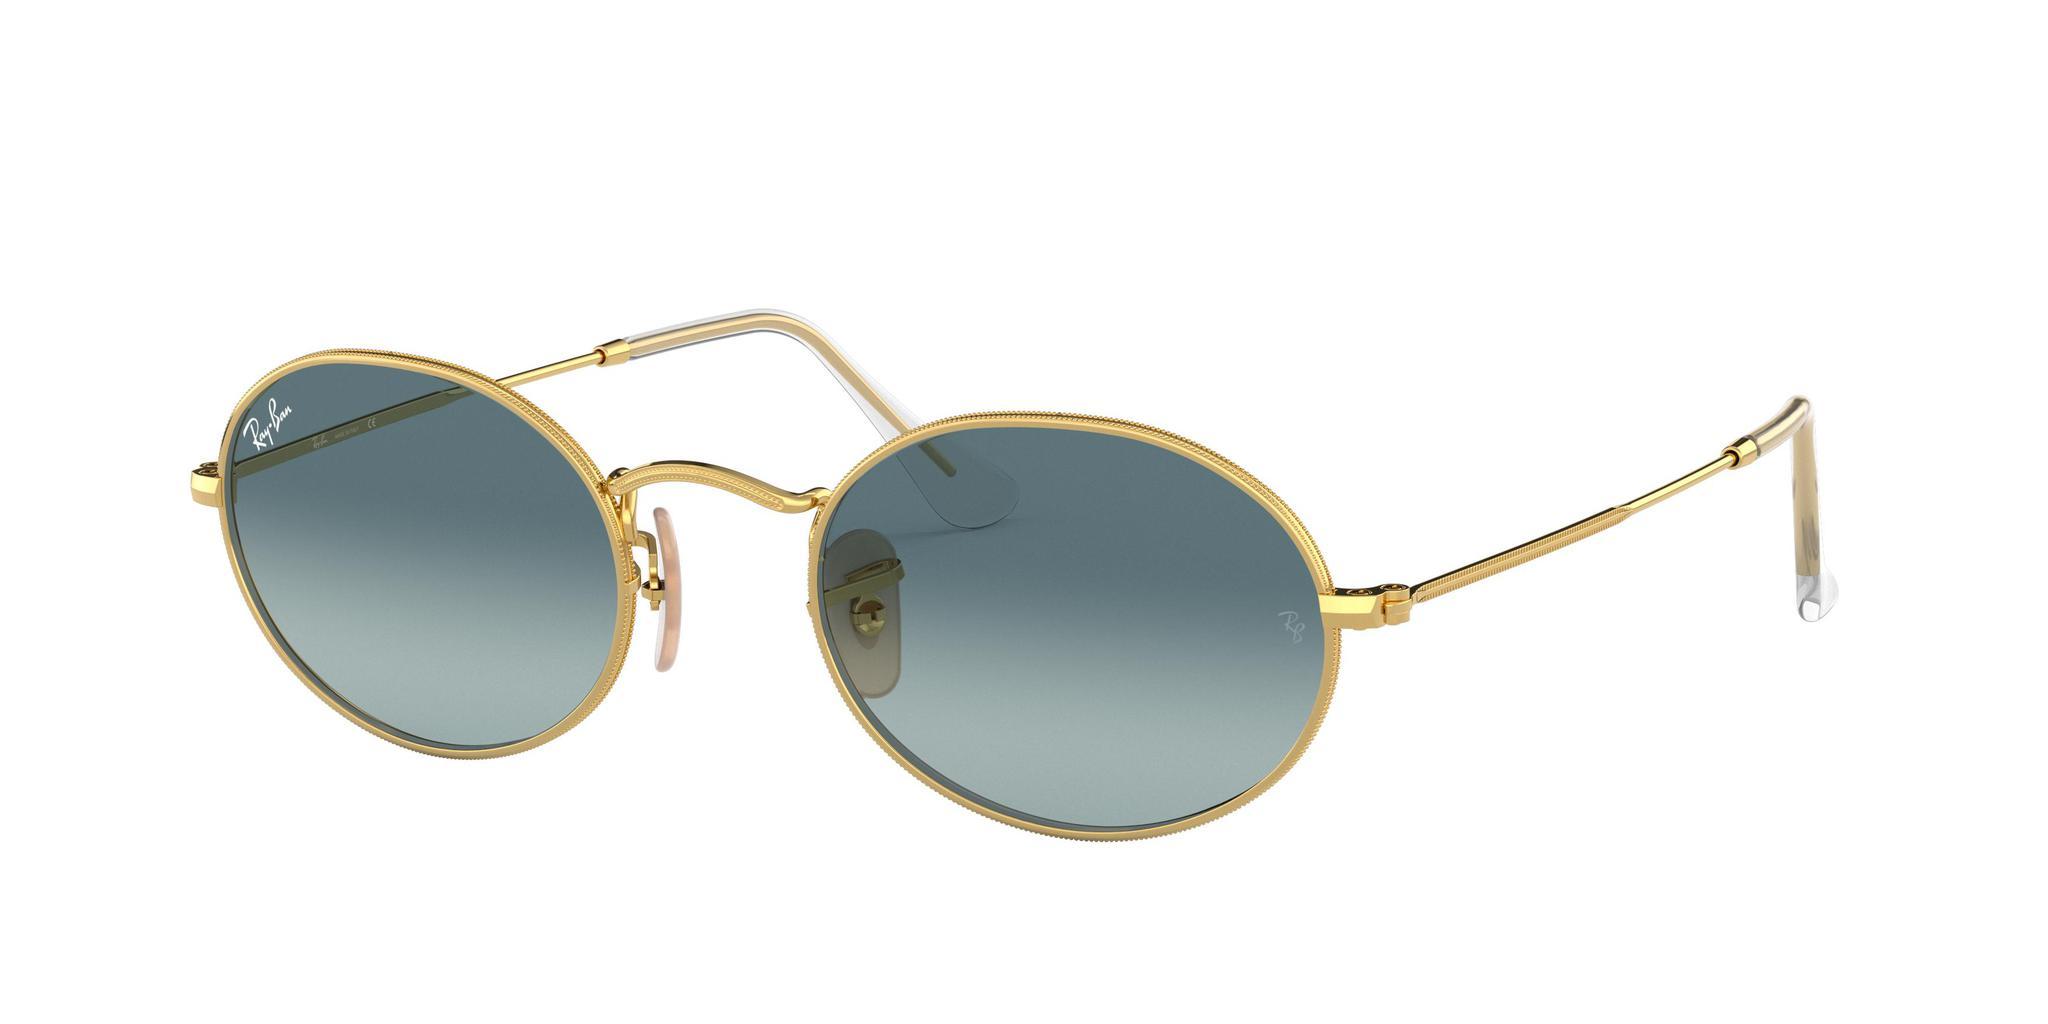 复古还是前卫、运动还是个性 陆逊梯卡发布2019眼镜新趋势陆逊梯卡眼镜太阳镜